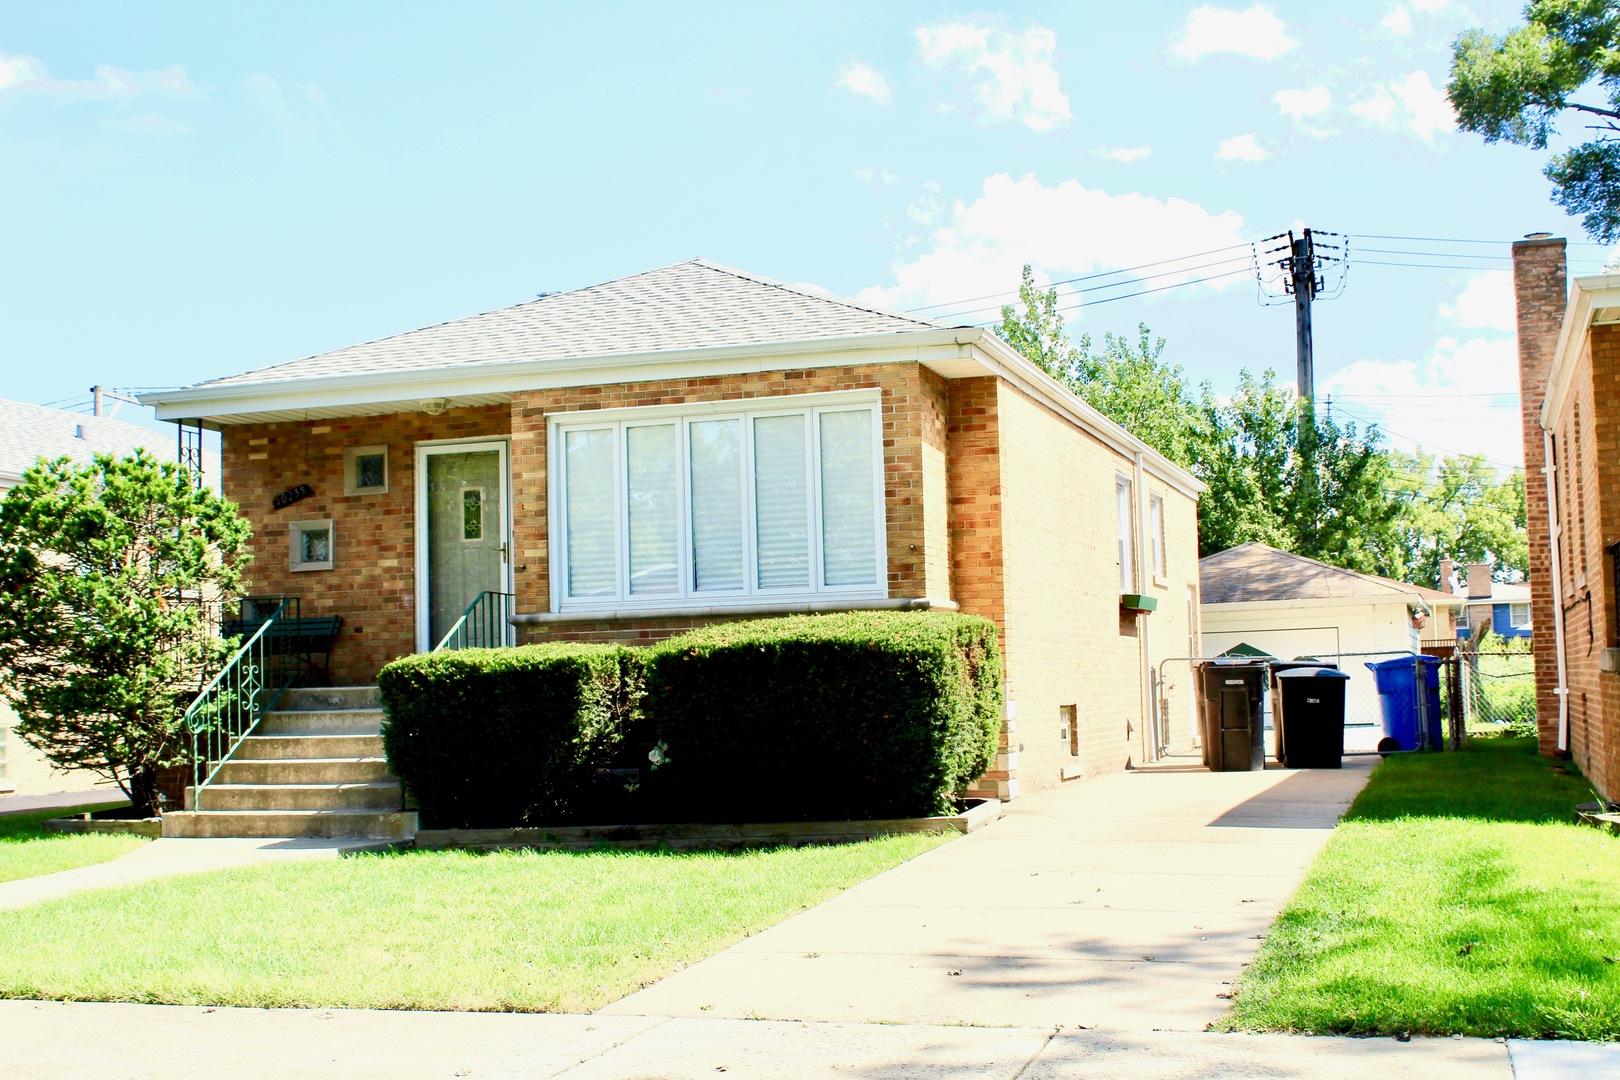 10235 Whipple ,Chicago, Illinois 60655